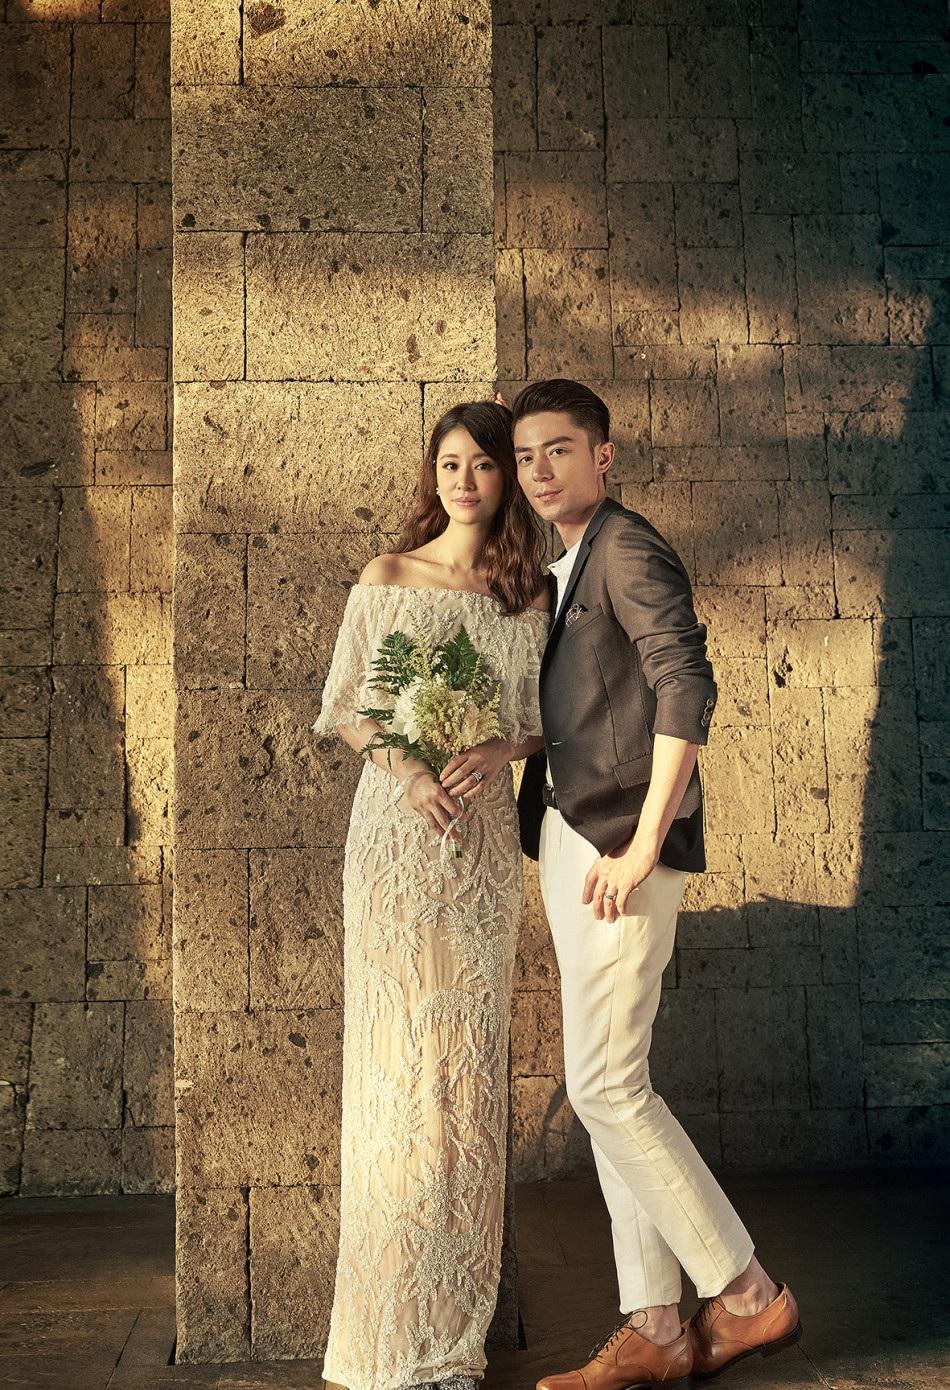 Rộ tin Hoắc Kiến Hoa ly hôn Lâm Tâm Như, khiến Dương Mịch mang thai - 1